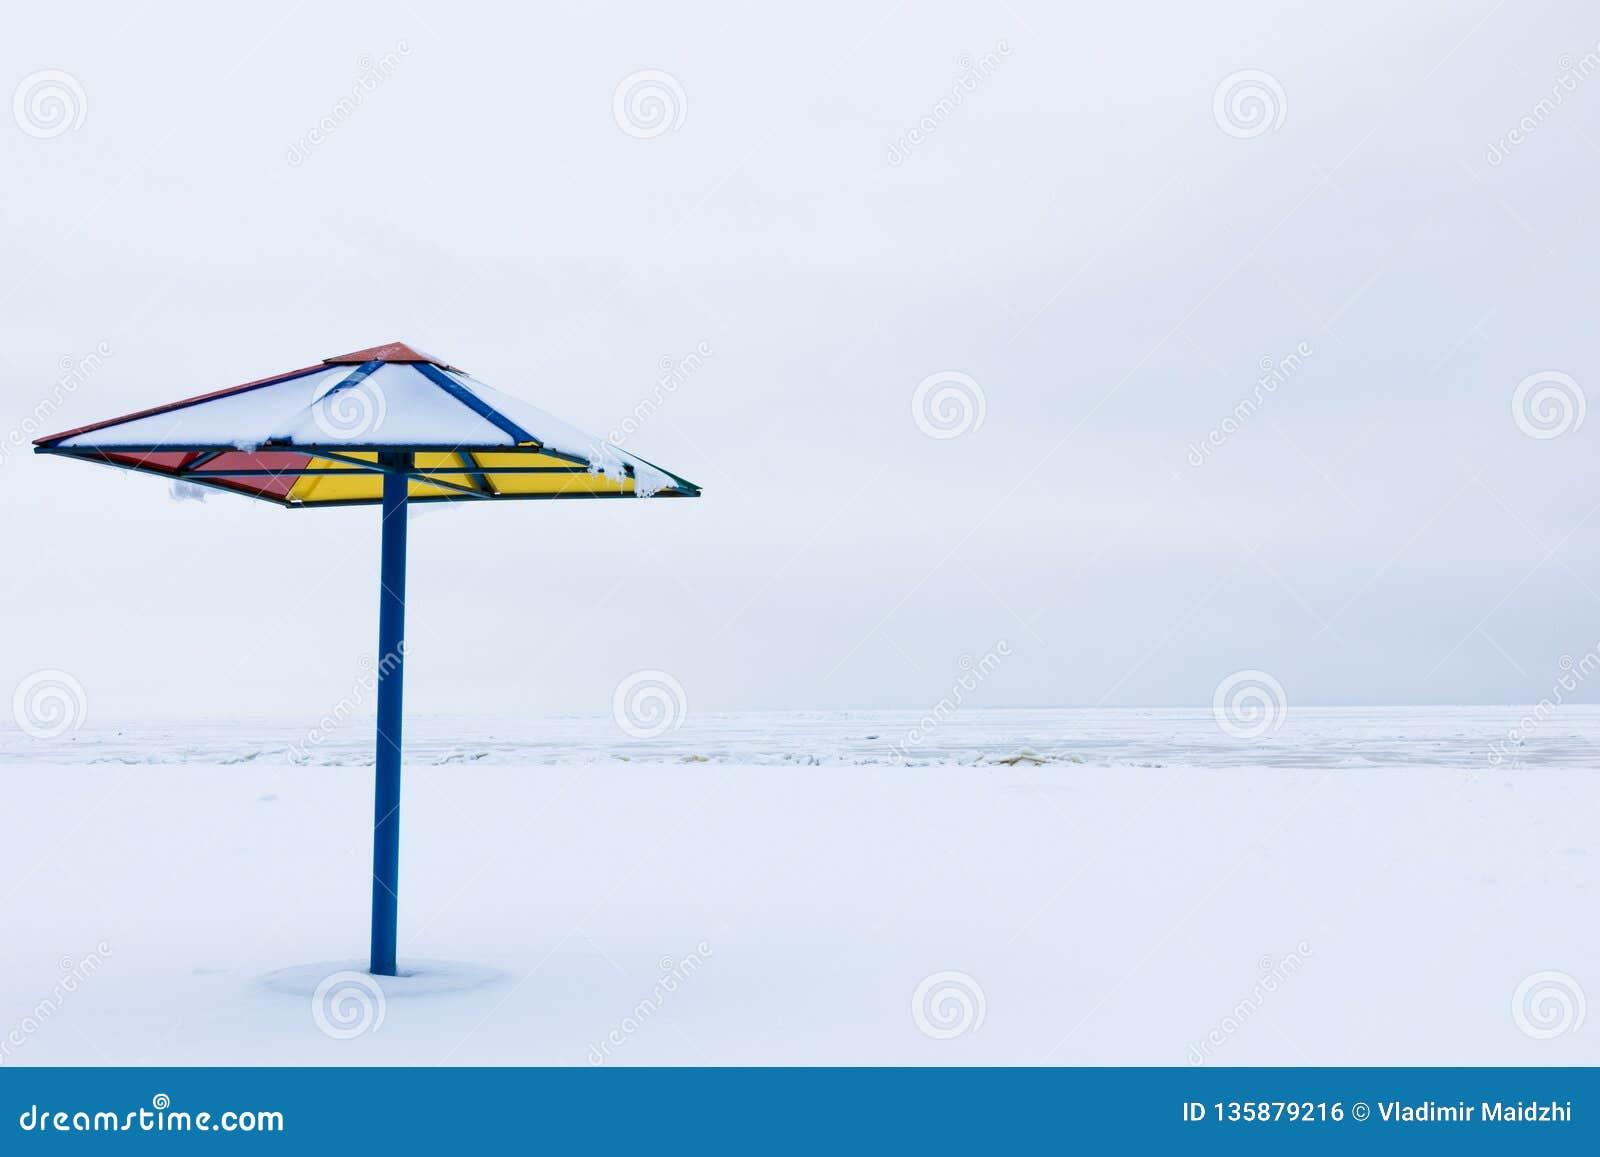 Apenas o para-sol ou o parasol na praia do inverno sob a neve